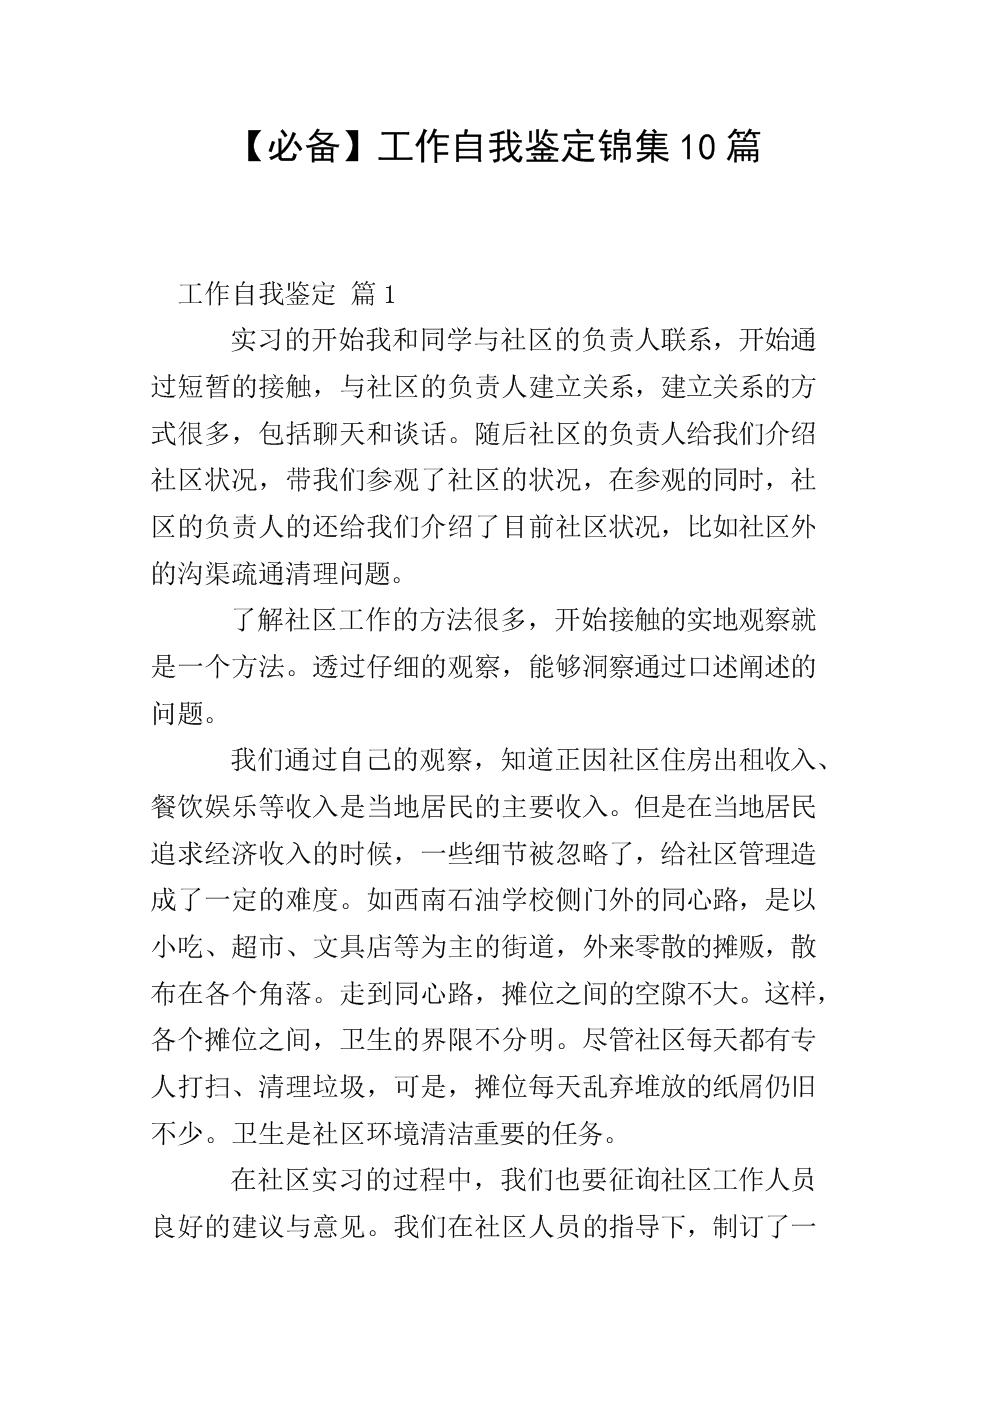 【必备】工作自我鉴定锦集10篇.doc